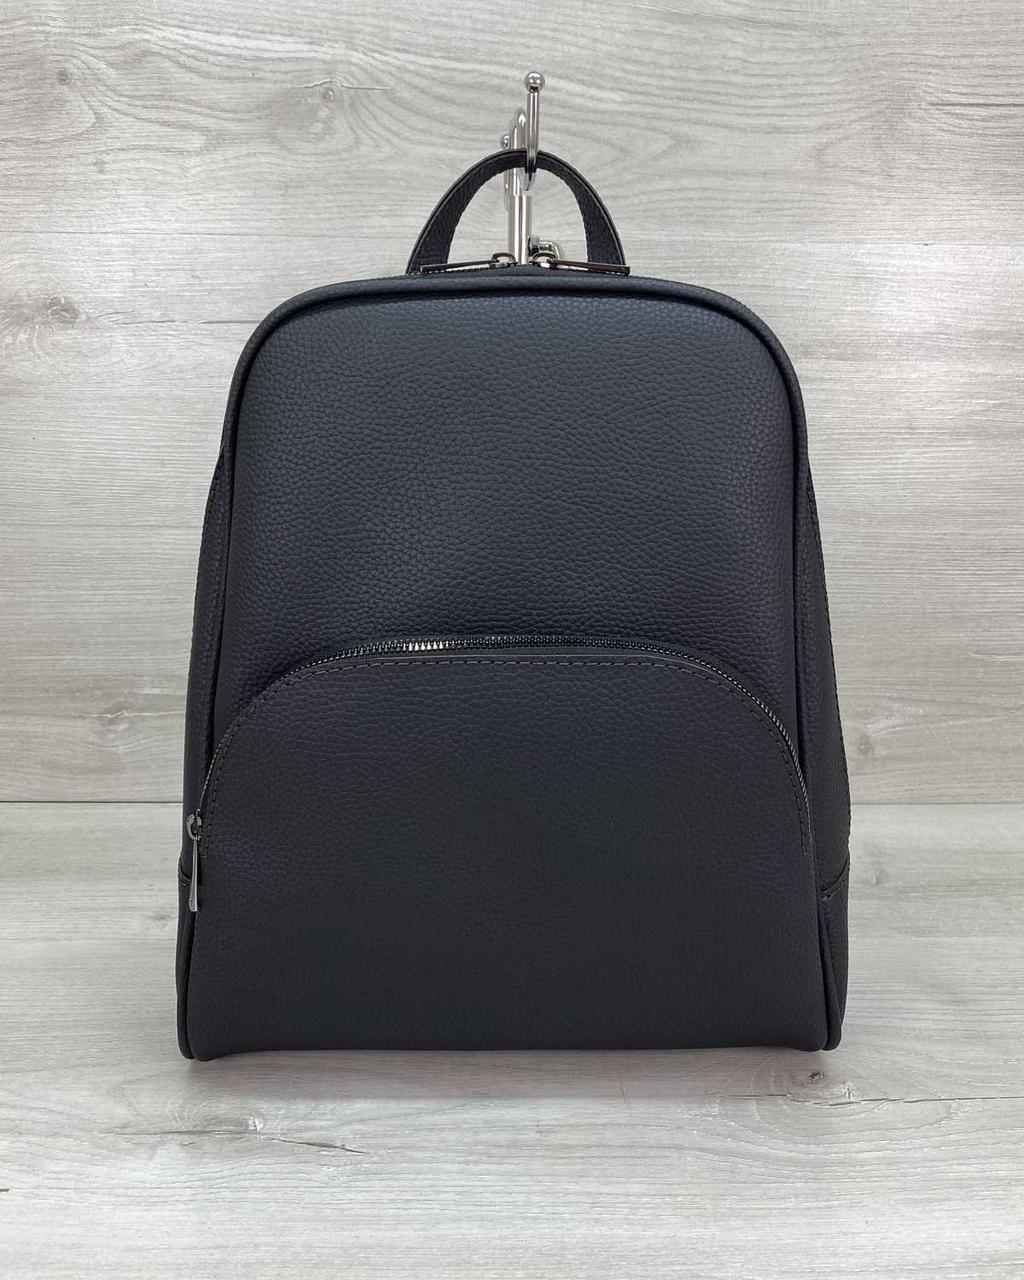 Рюкзак женский городской темно-серый